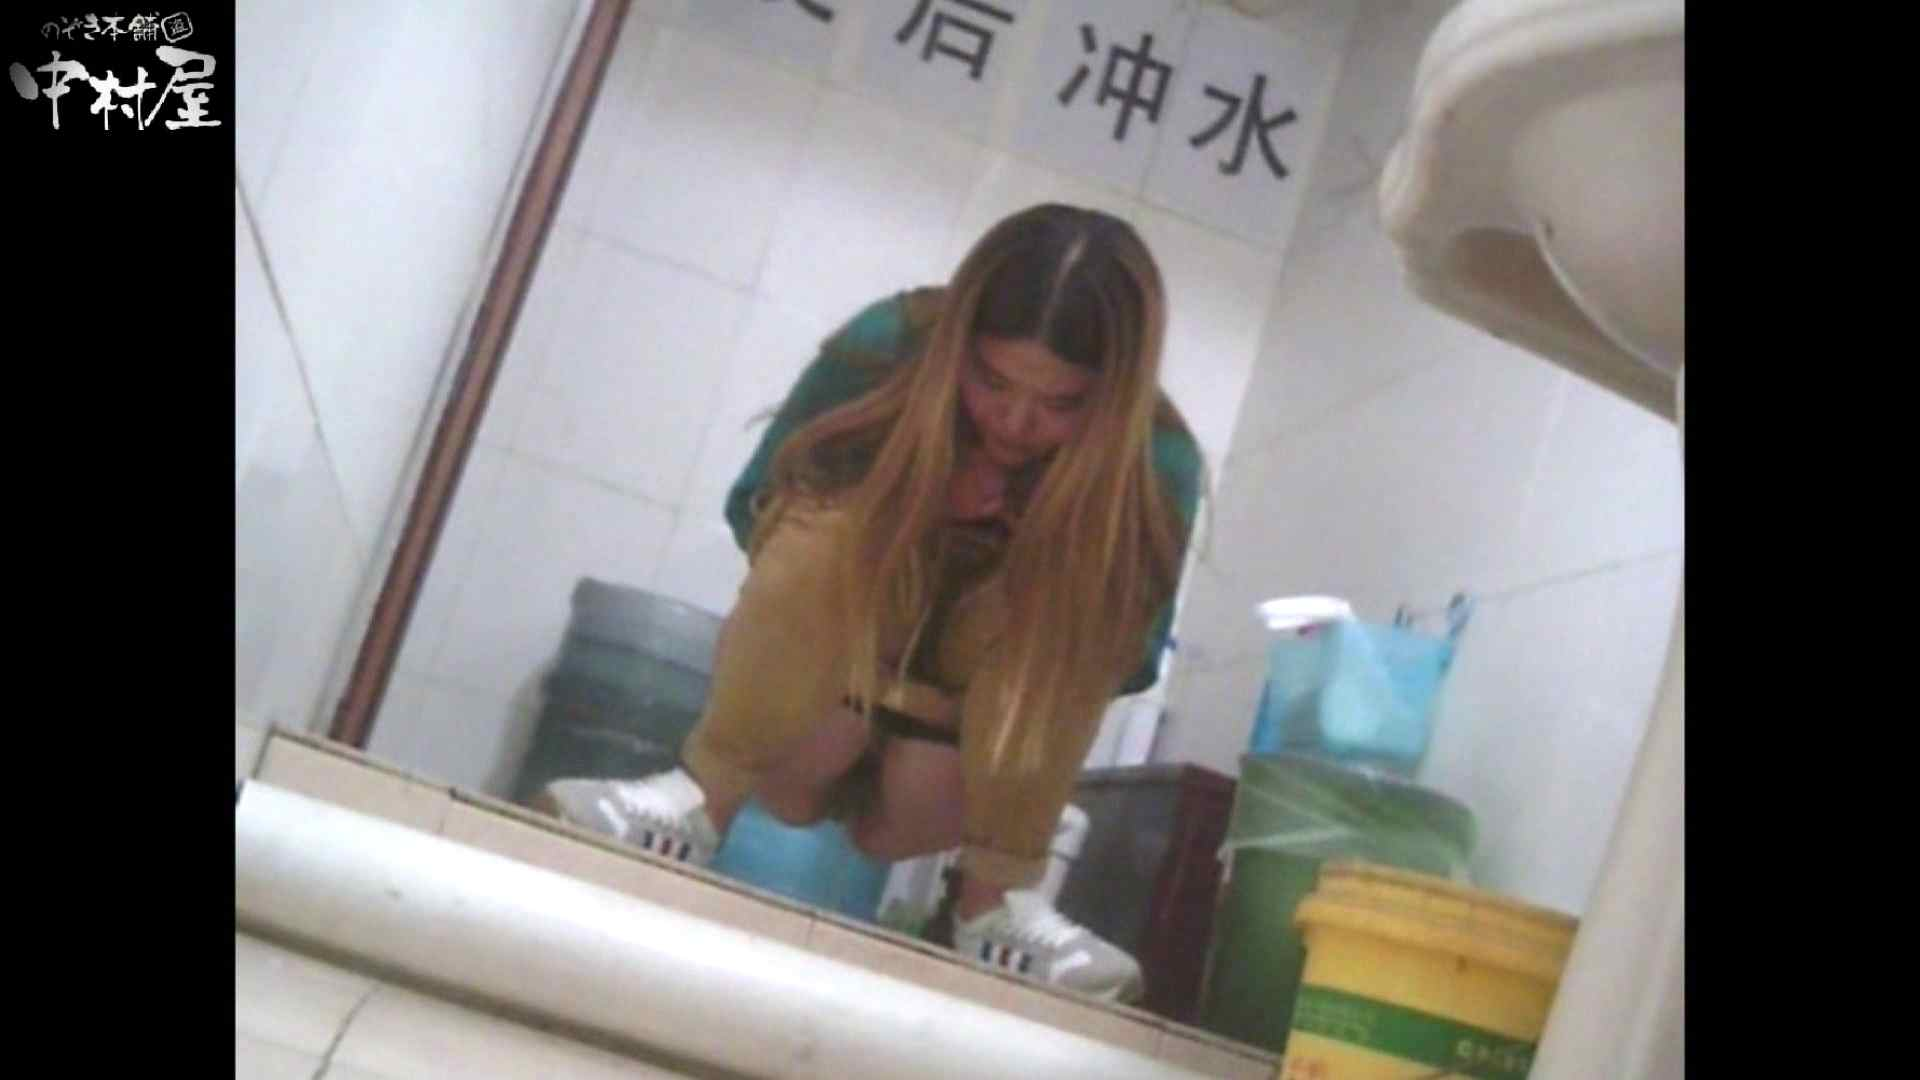 李さんの盗撮日記 Vol.15 トイレ | ギャルのエロ動画 盗撮 78PIX 61